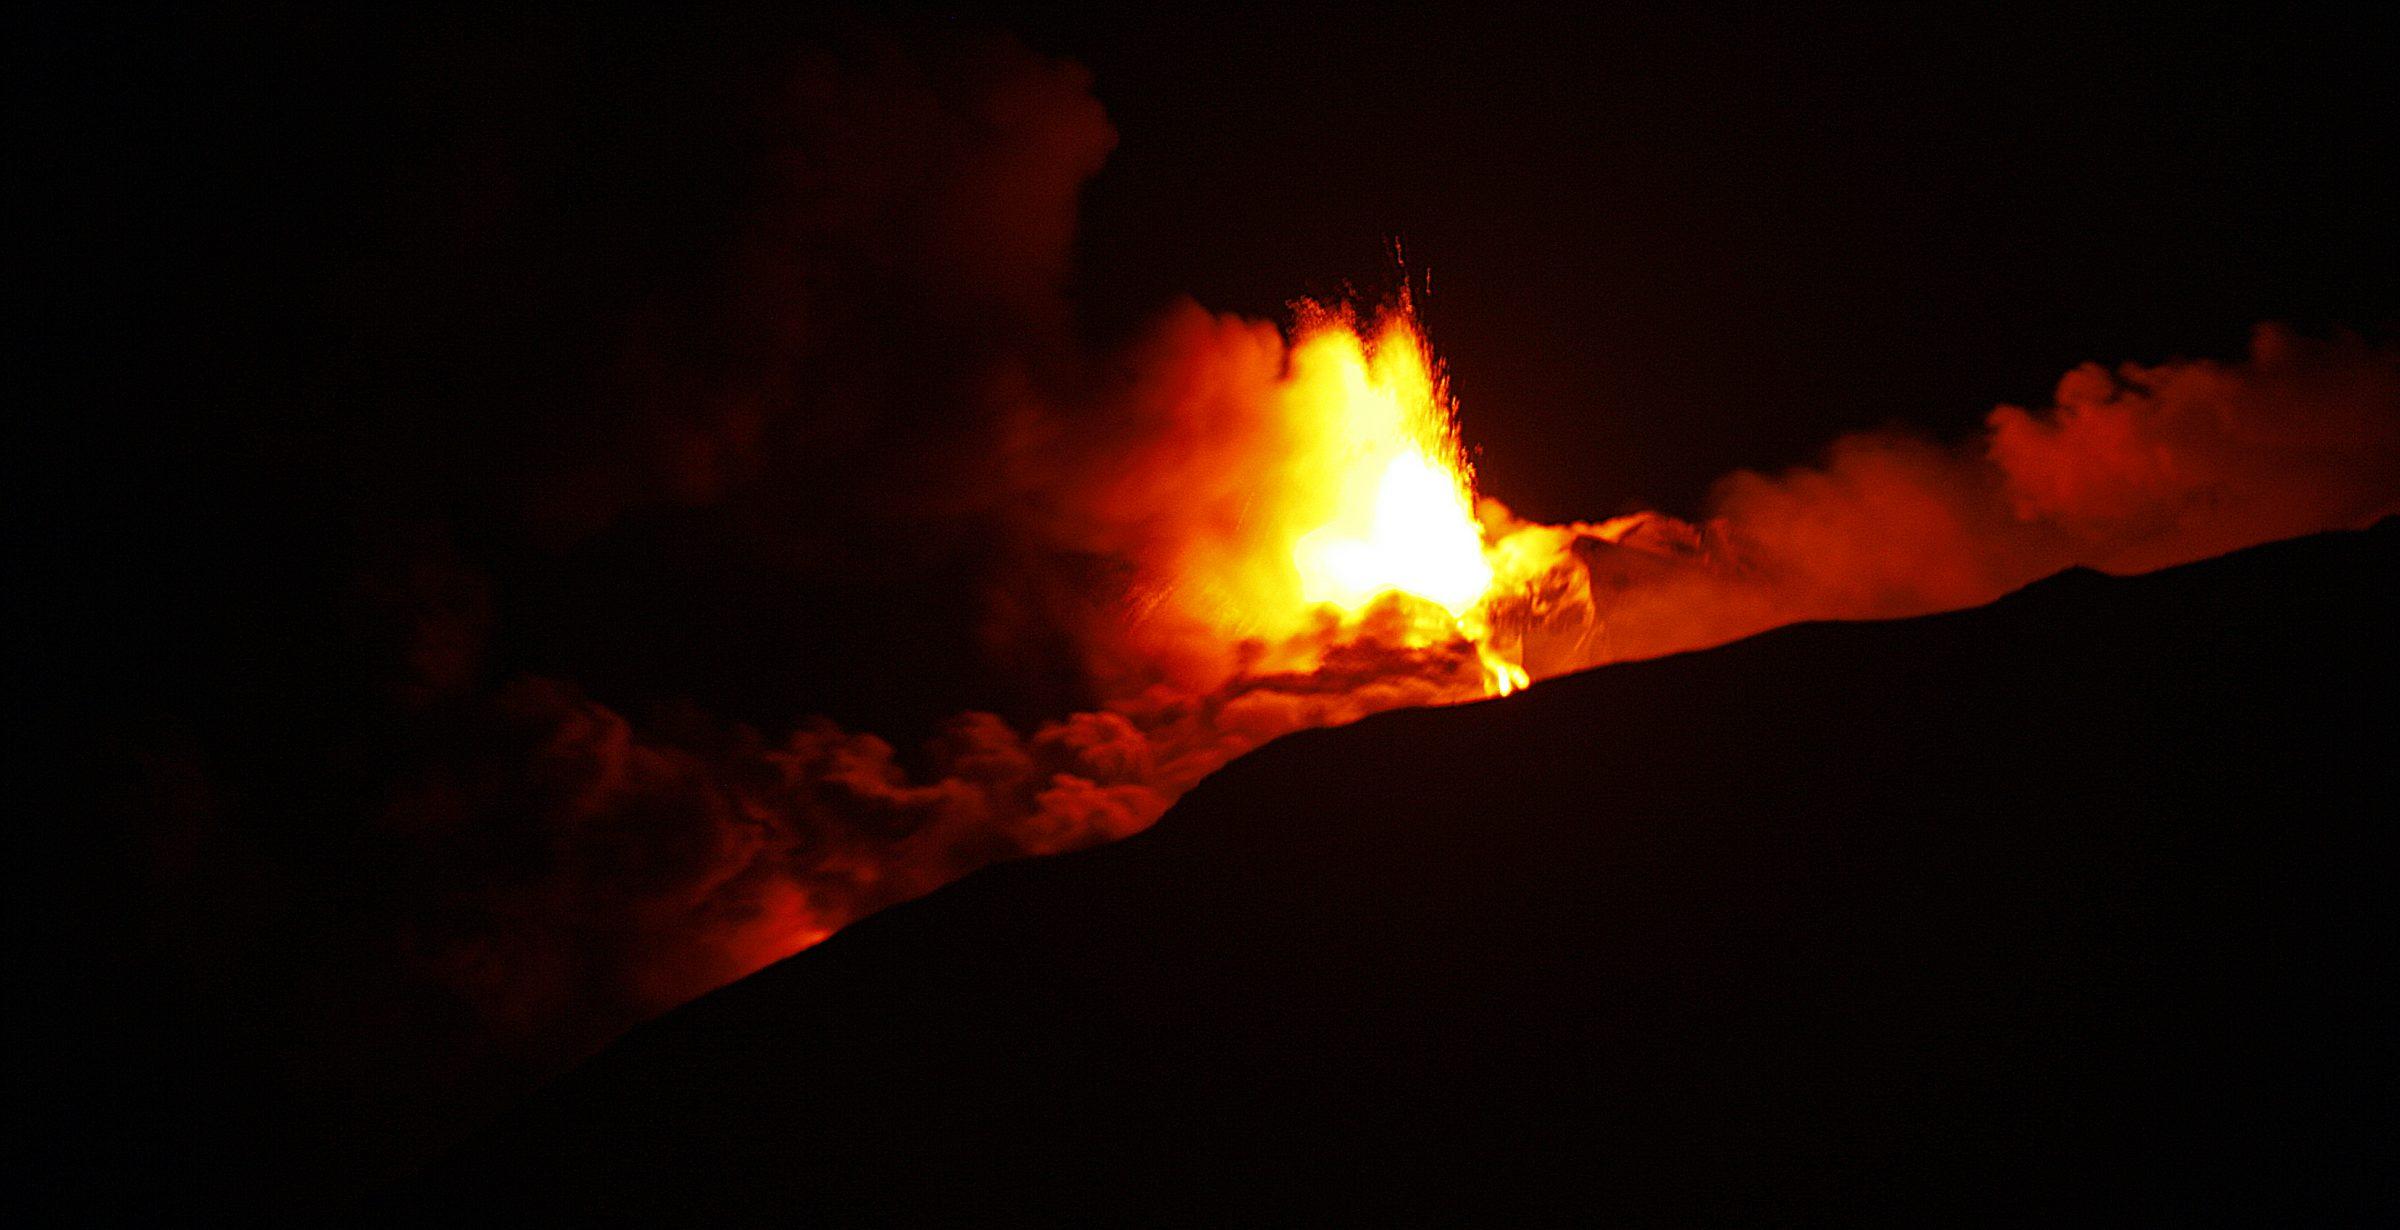 Eruzione vulcano Etna 18 gennaio 2021